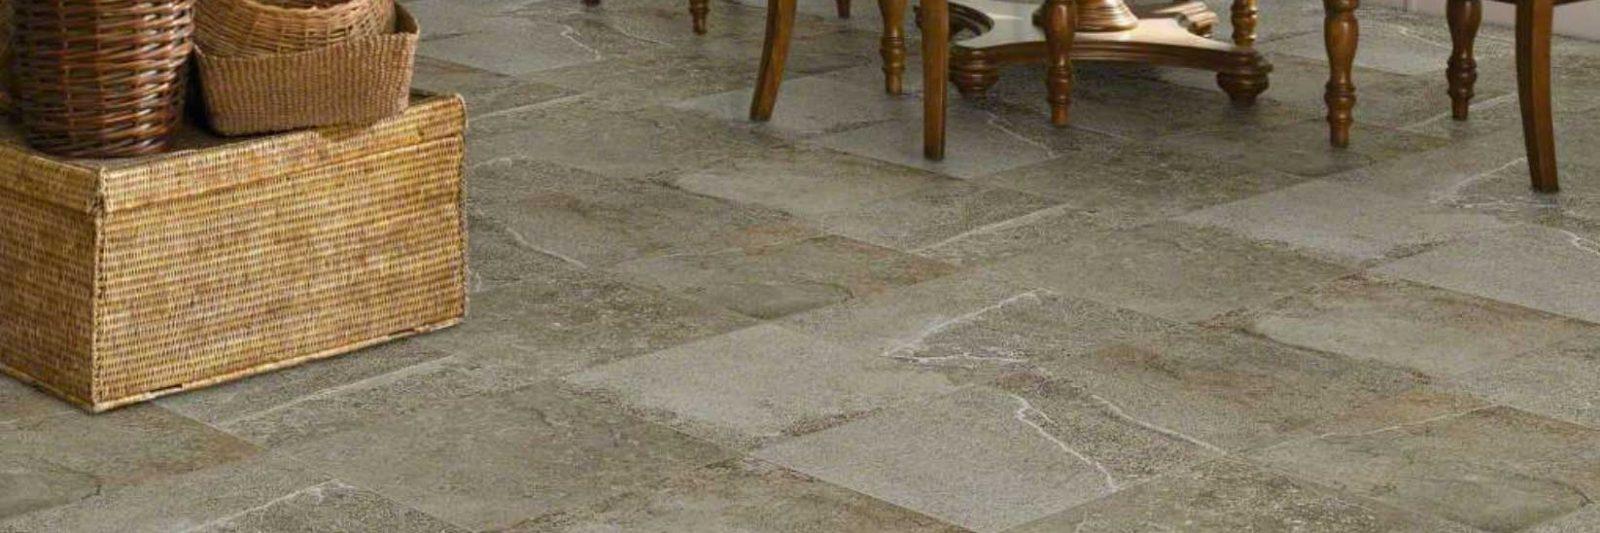 Tile & Stone Flooring